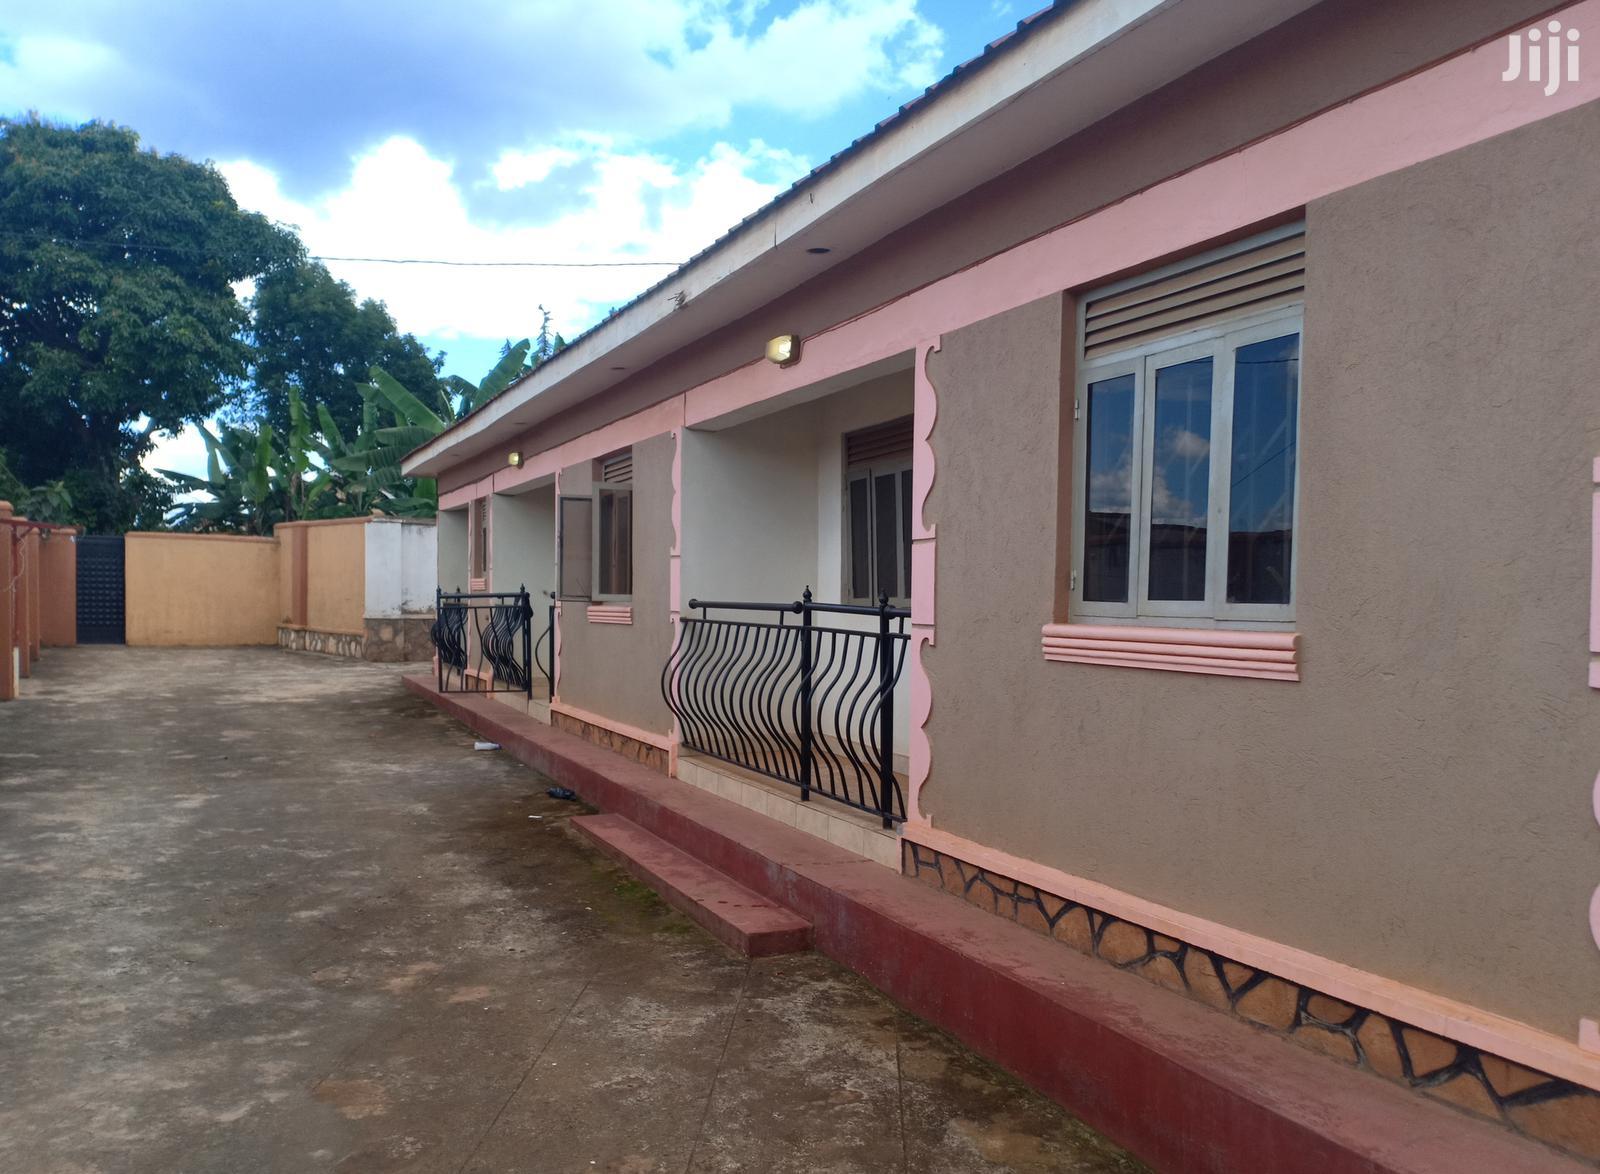 Kyaliwajjala 2 Bedroom House For Rent